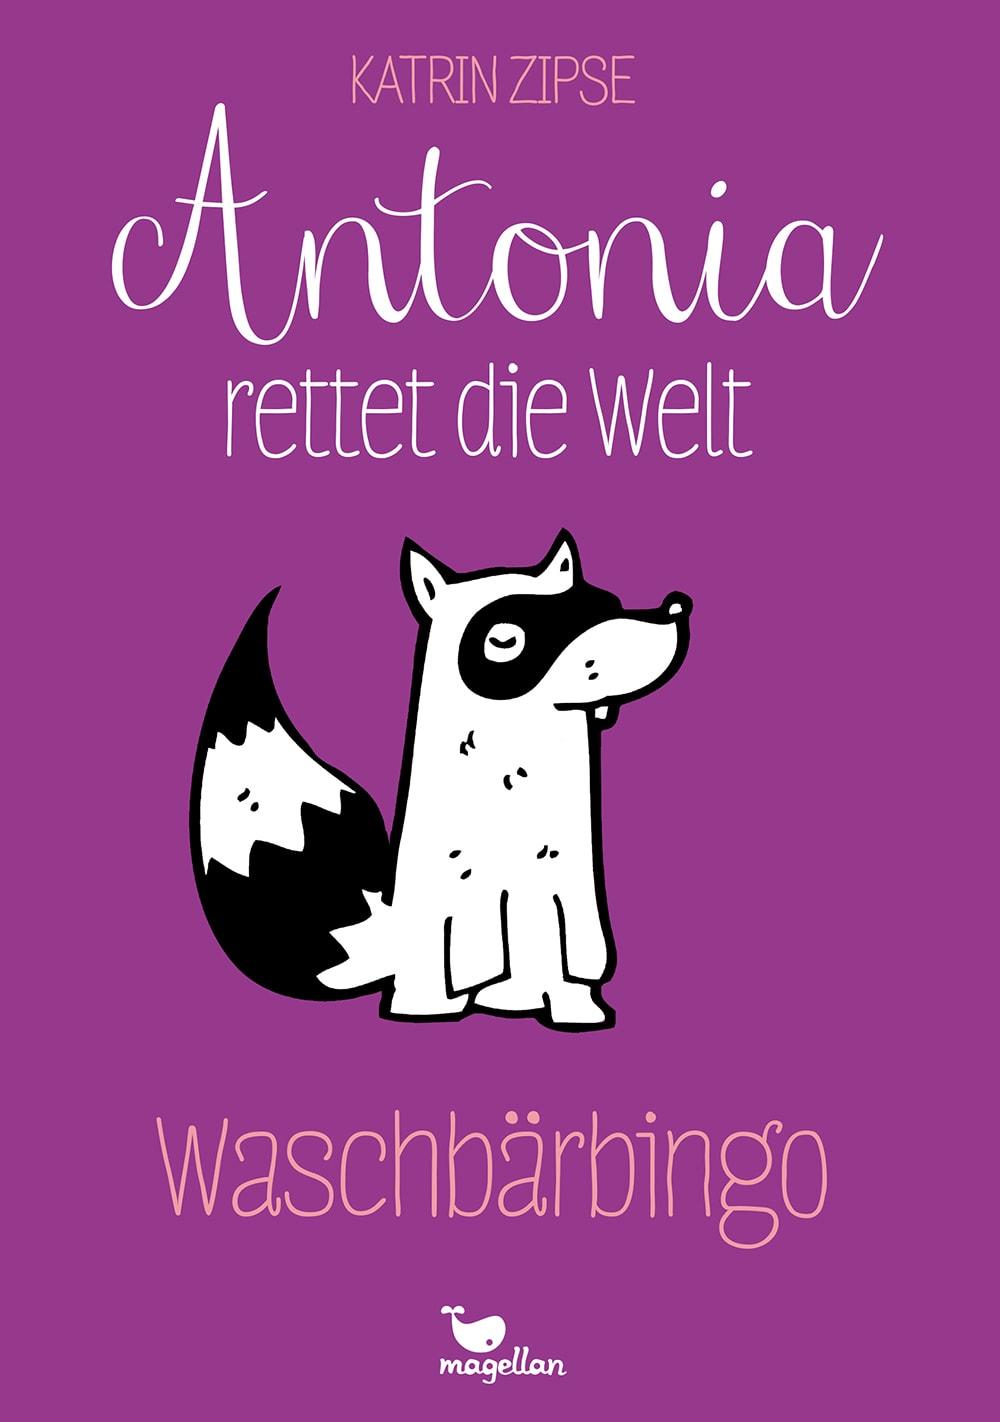 Antonia rettet die Welt - Waschbärbingo